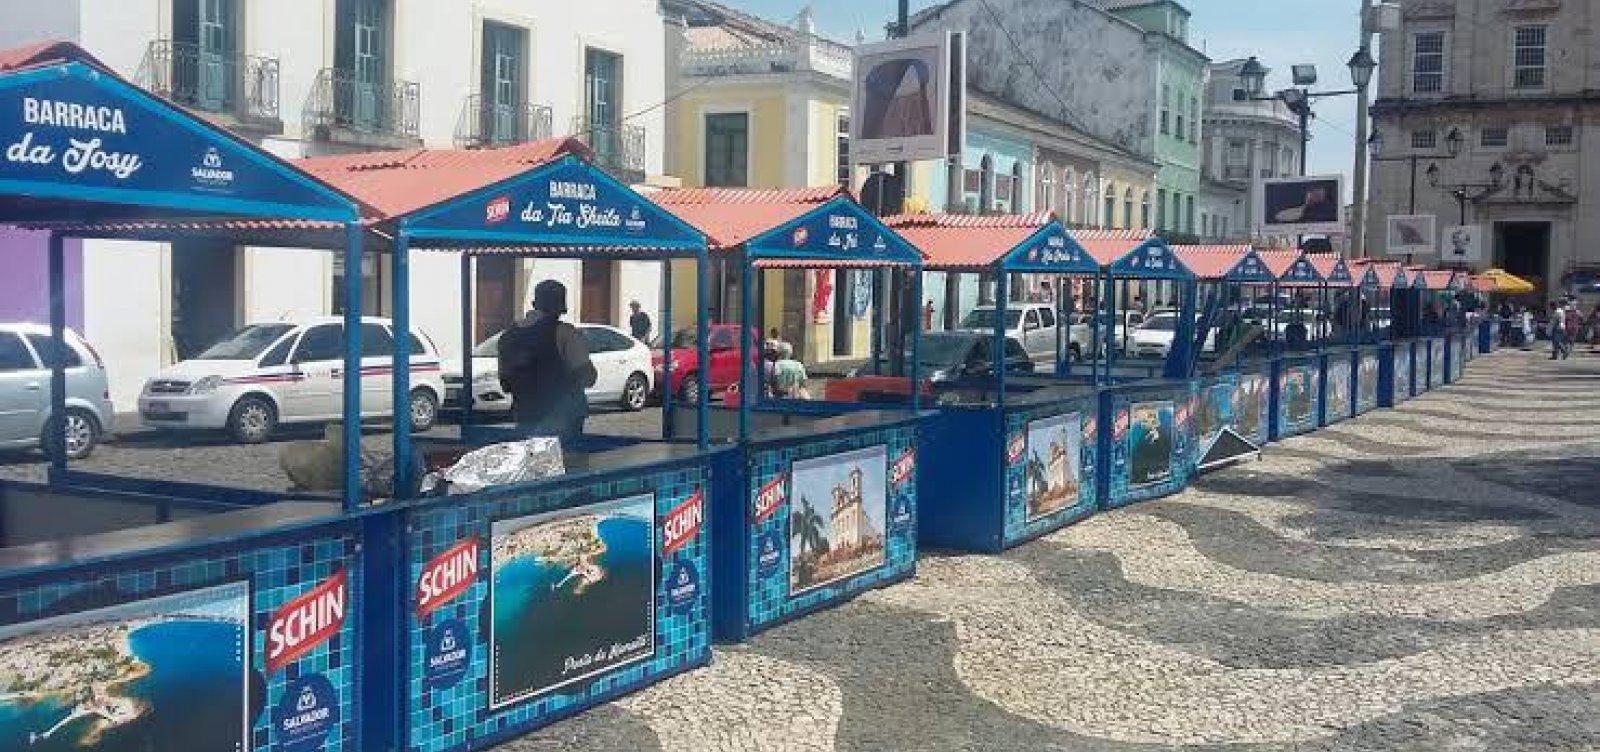 Barraqueiros protestam para retomar atividades no Pelourinho